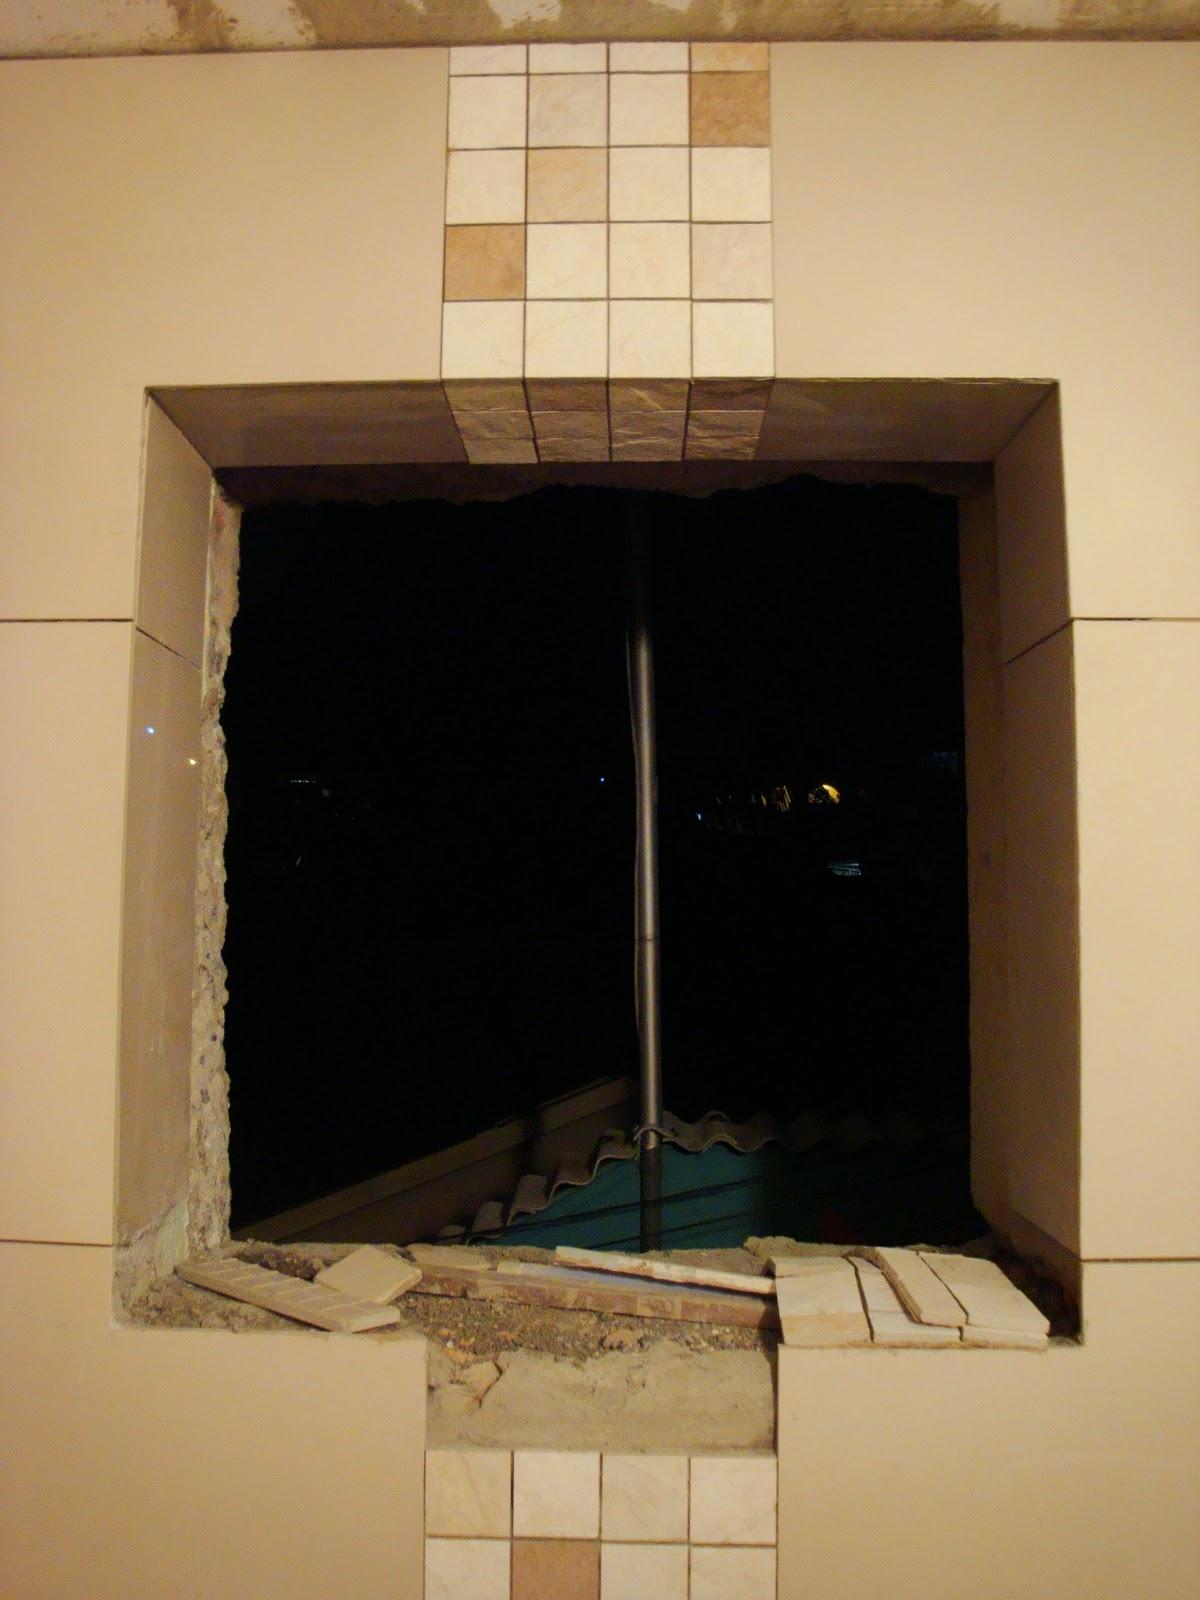 #9C742F Detalhe da listra vertical saindo do teto descendo pela janela 1200x1600 px reforma de banheiro com porcelanato